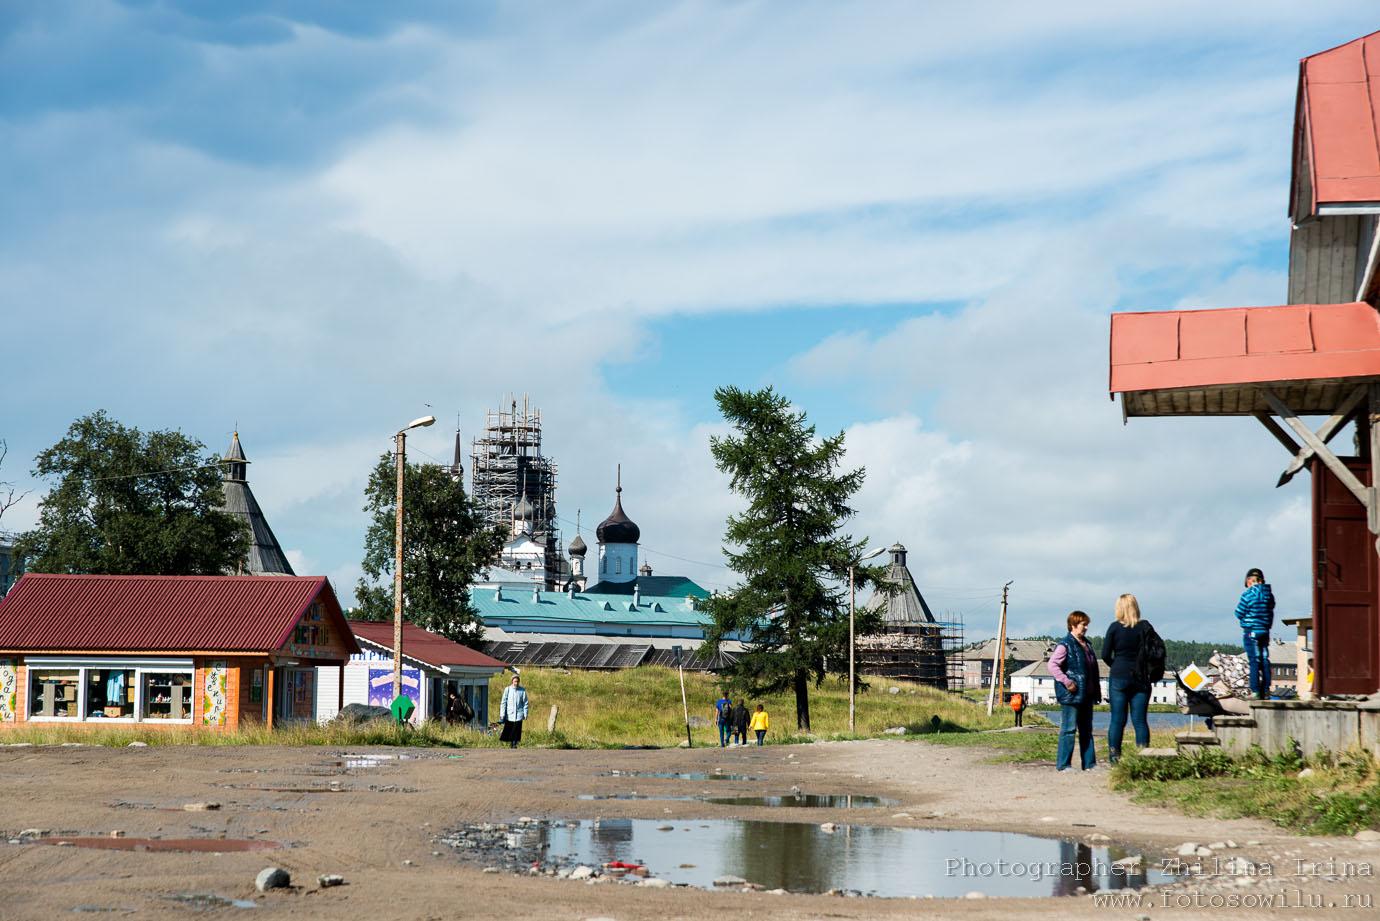 Большой Соловецкий остров, куда поехать отдыхать в России, Карелия, что смотреть в Карелии, Белое море